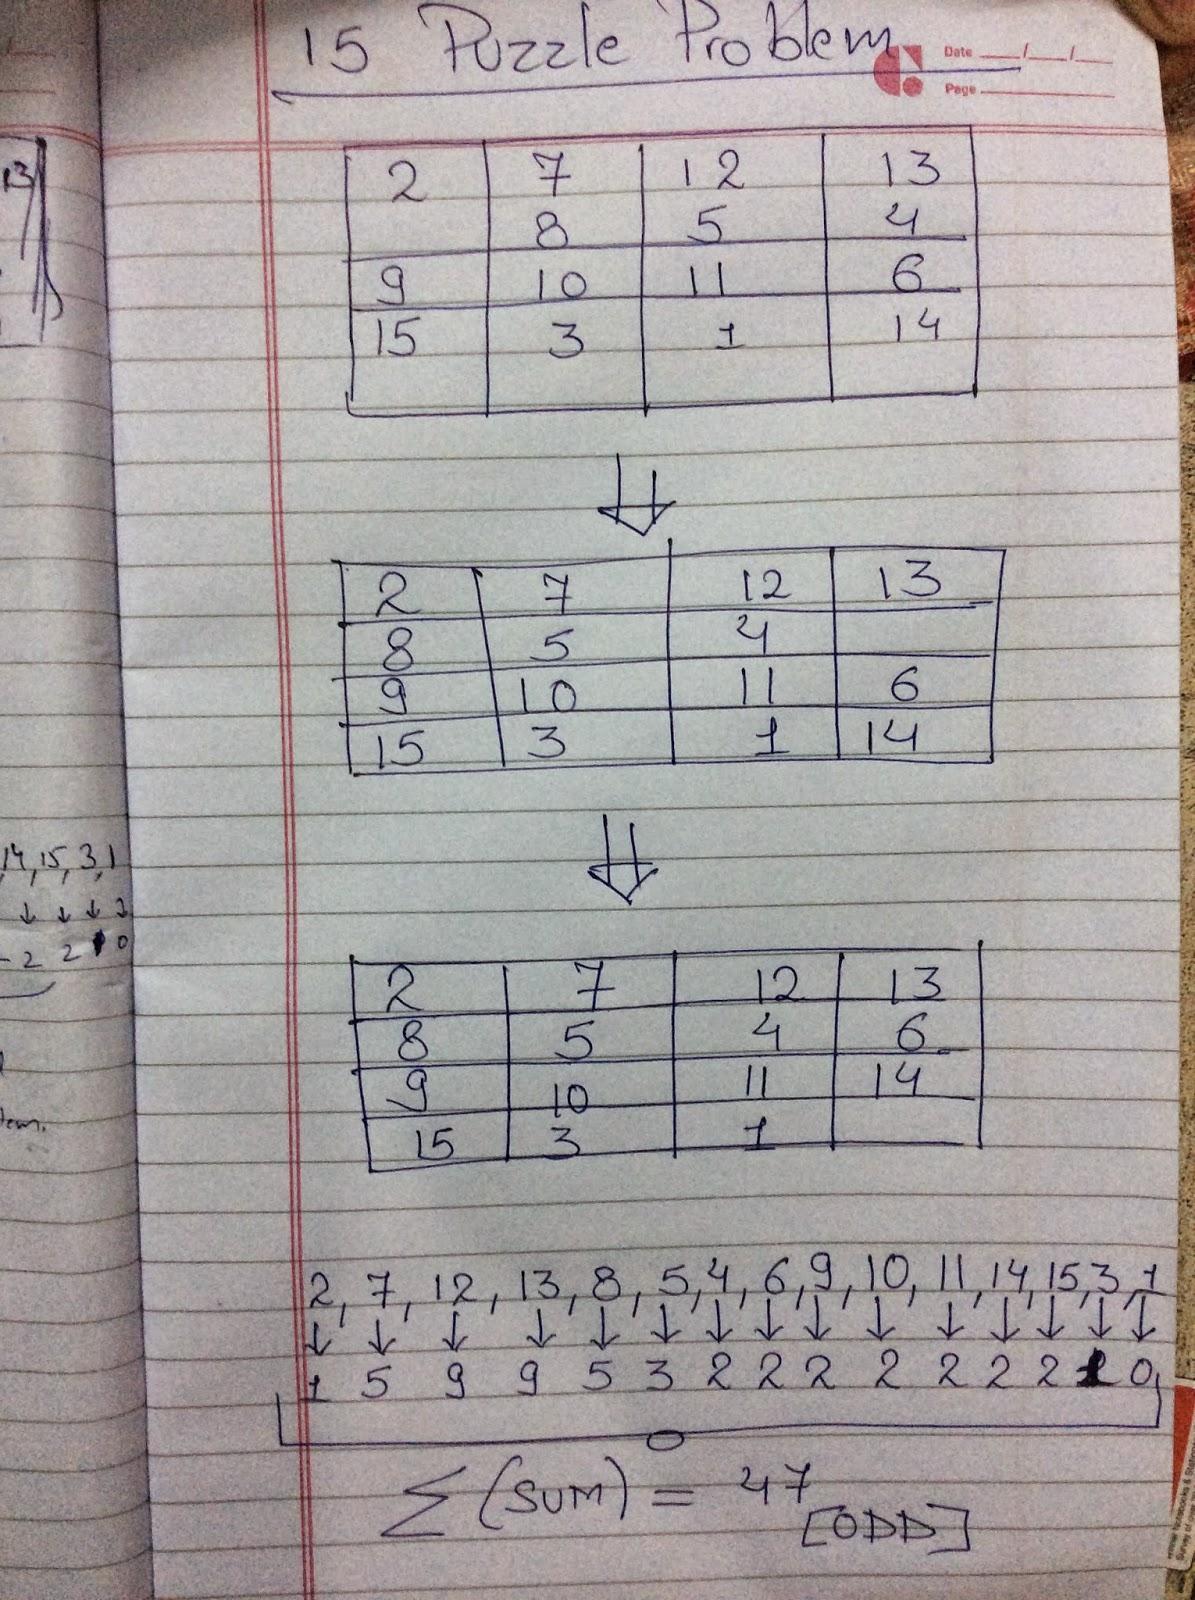 15 puzzle problem